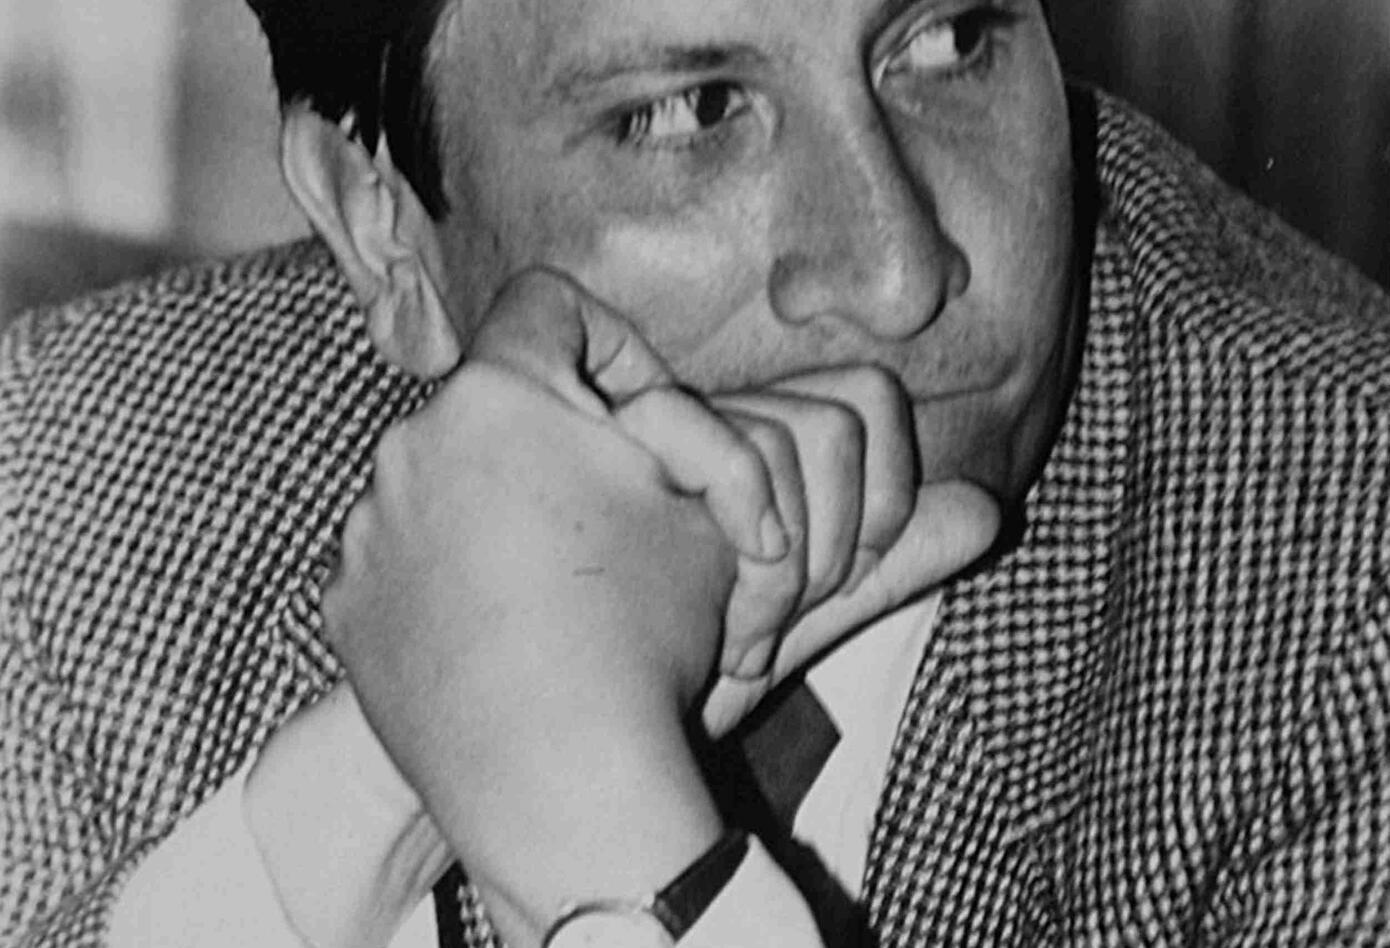 El ministro de Justicia, Rodrigo Lara Bonilla, la noche del 30 de abril de 1984 murió acribillado dentro de su automóvil por orden de un escuadrón enviado por Pablo Escobar Gaviria.